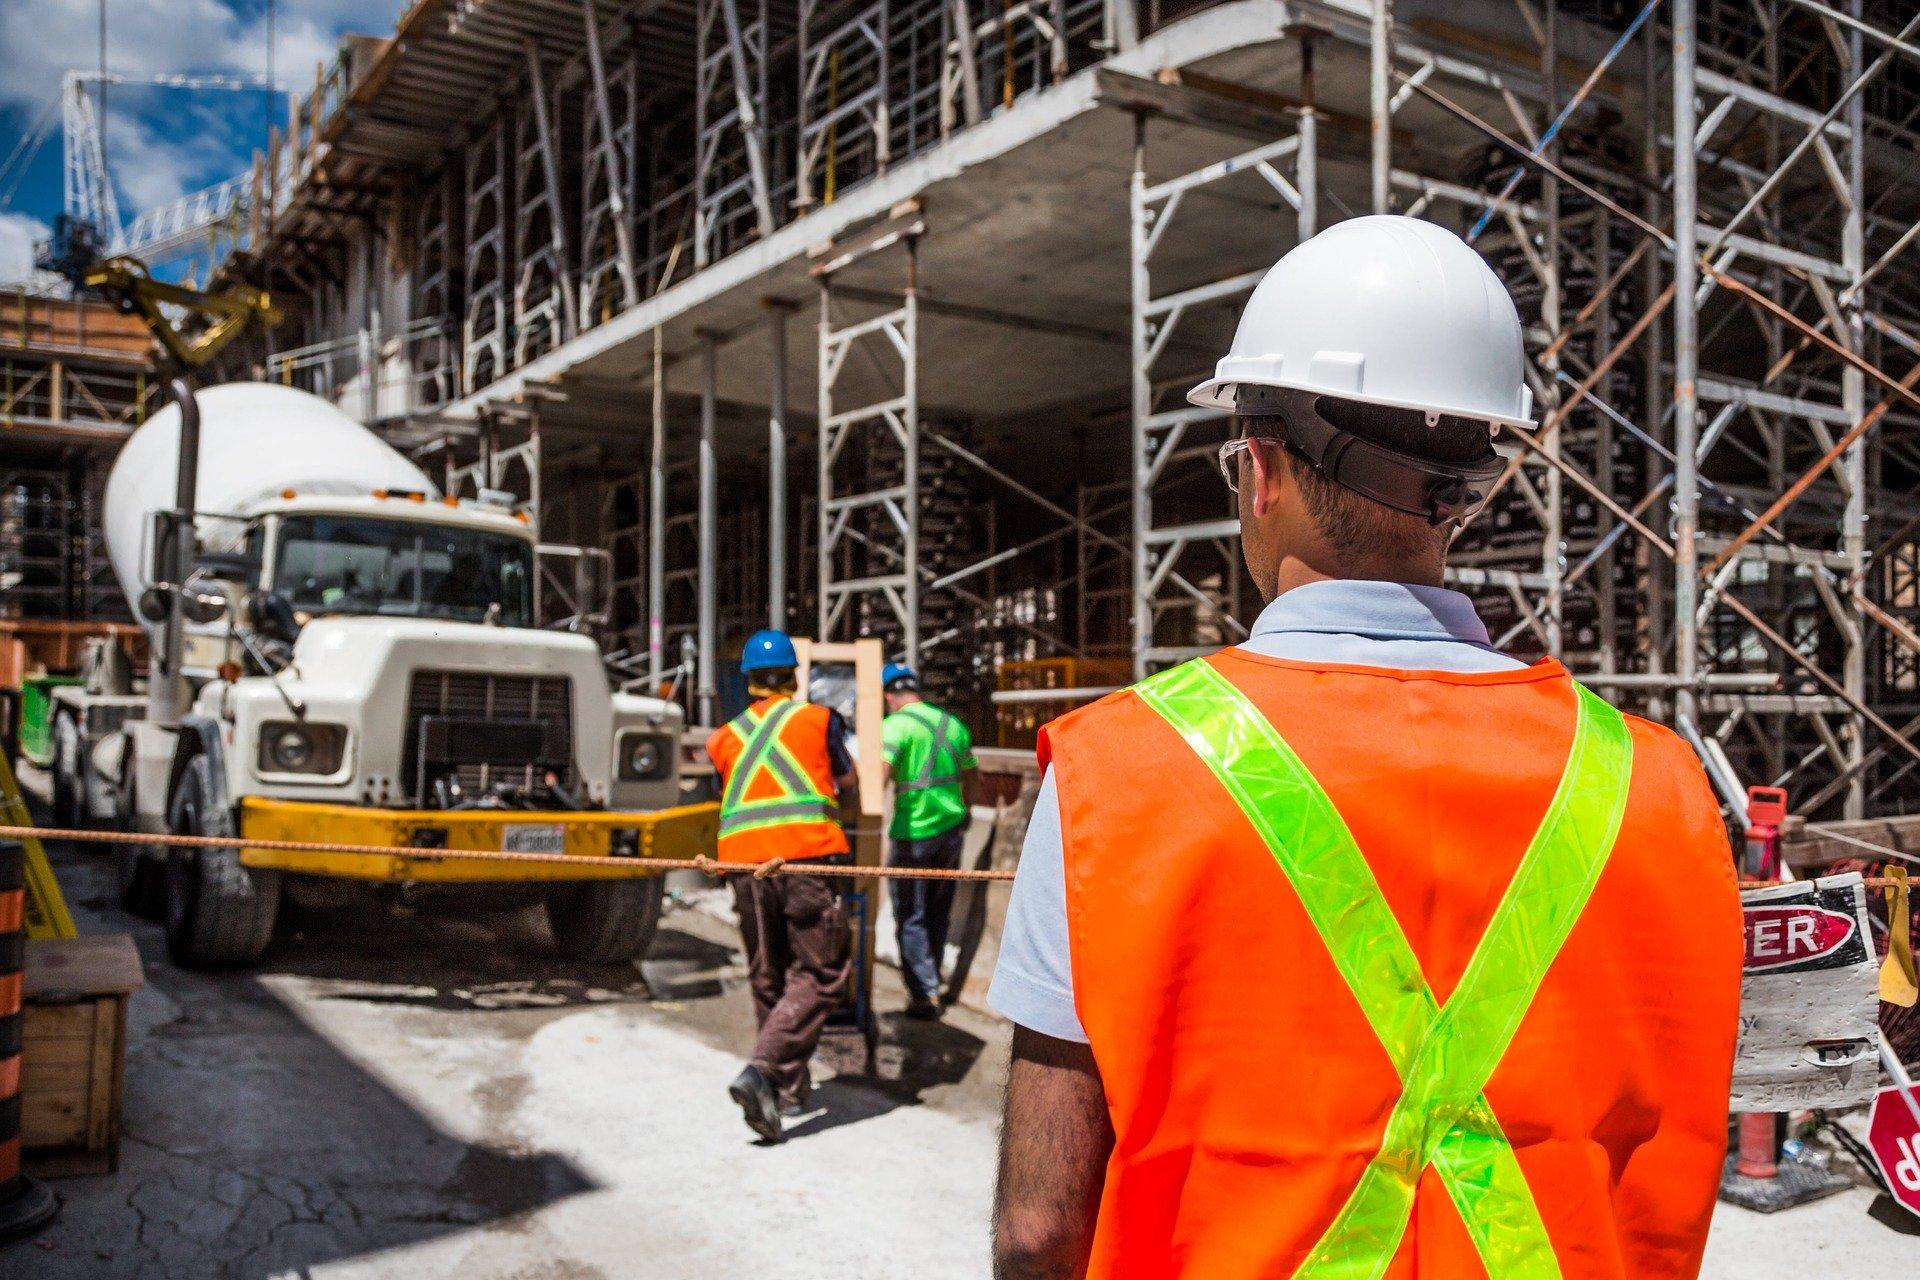 Formazione sulla sicurezza per i lavoratori di aziende a rischio alto 25/03/2020